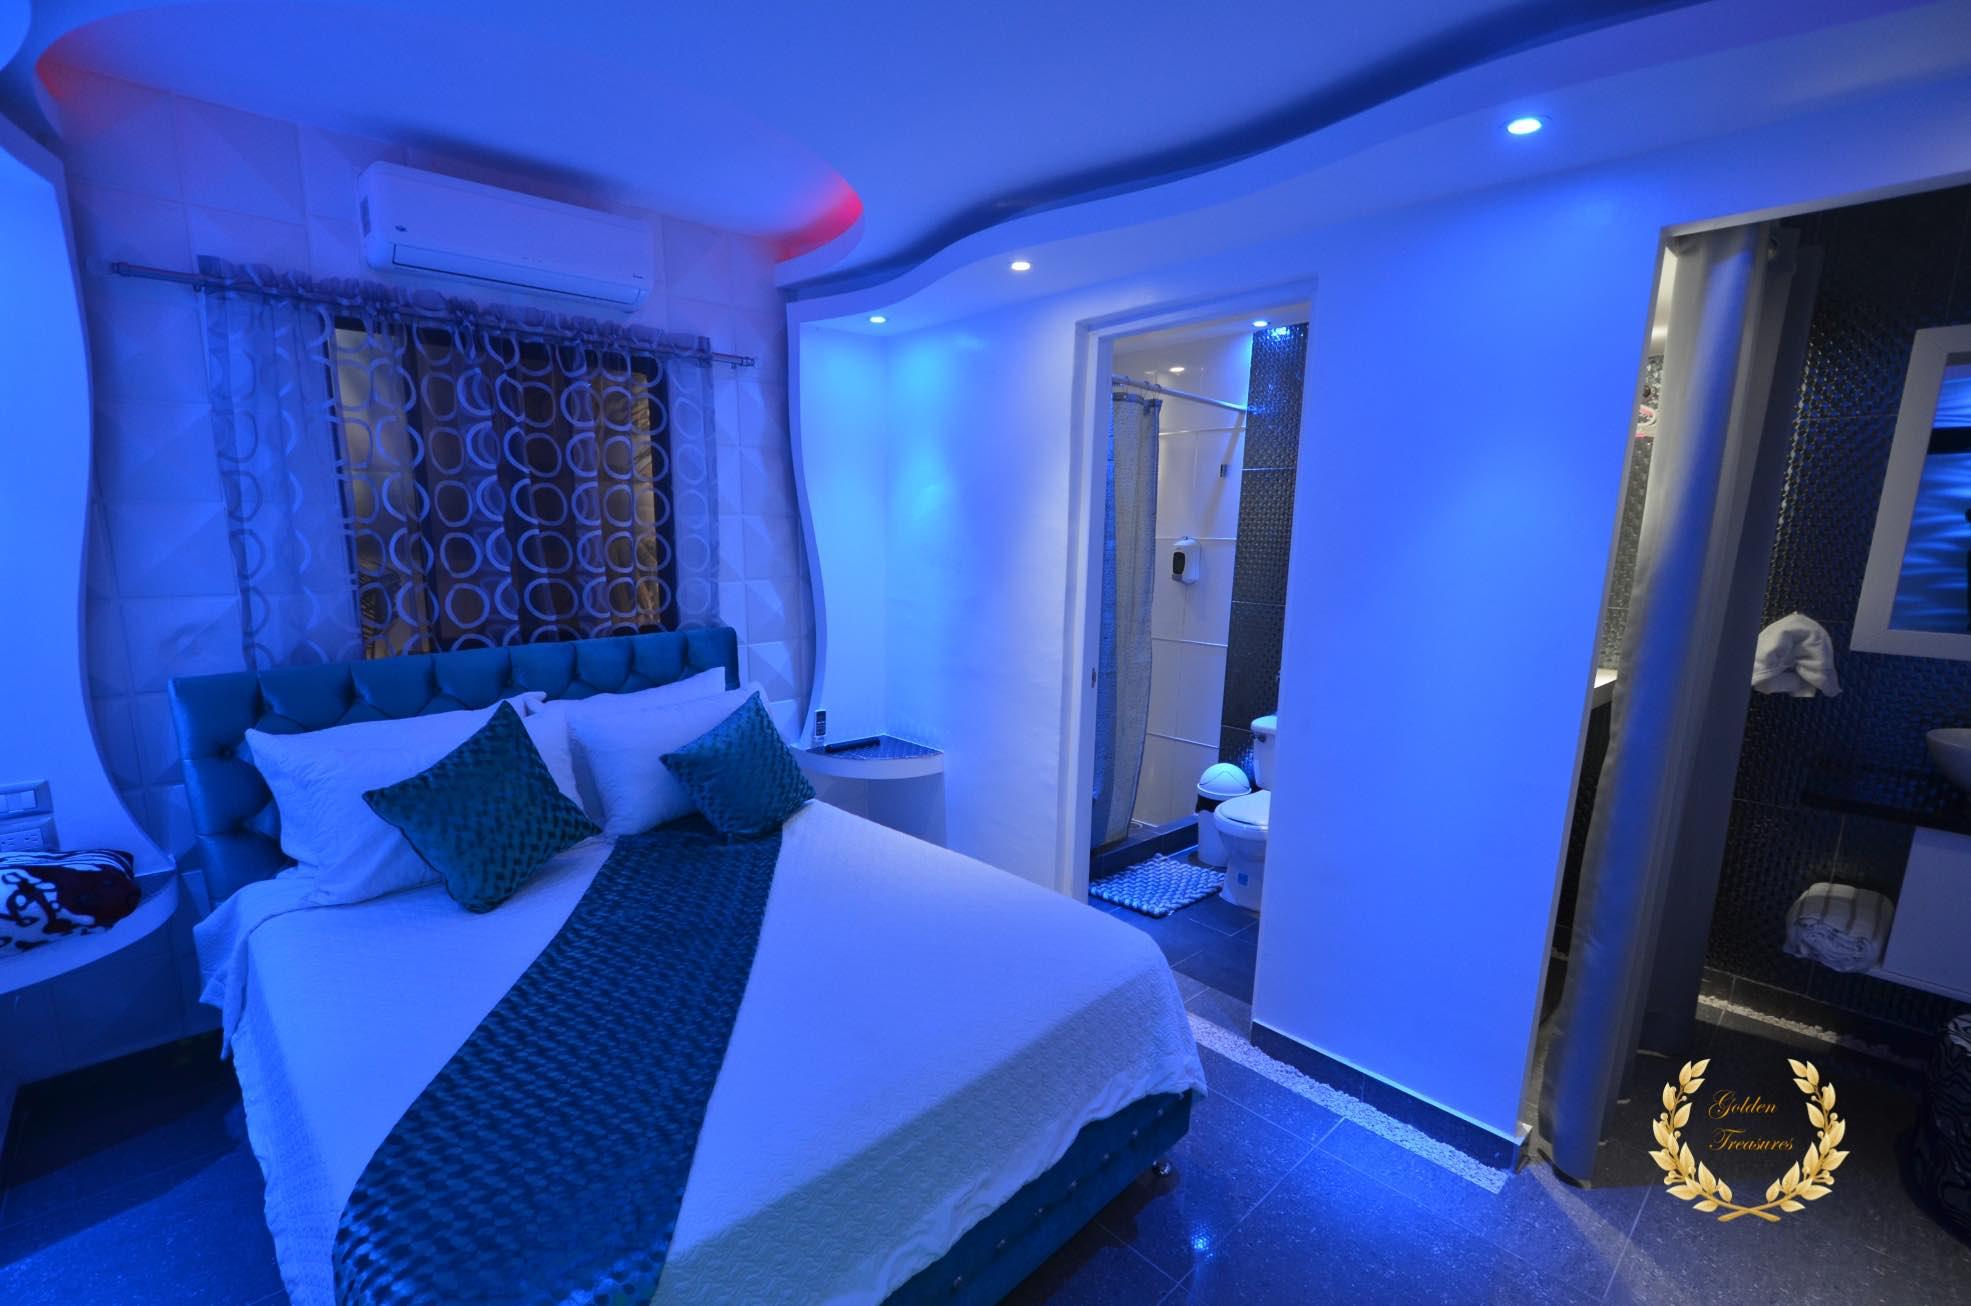 14 Bedroom Bachelor Party Villa Sosua Dominican Republic